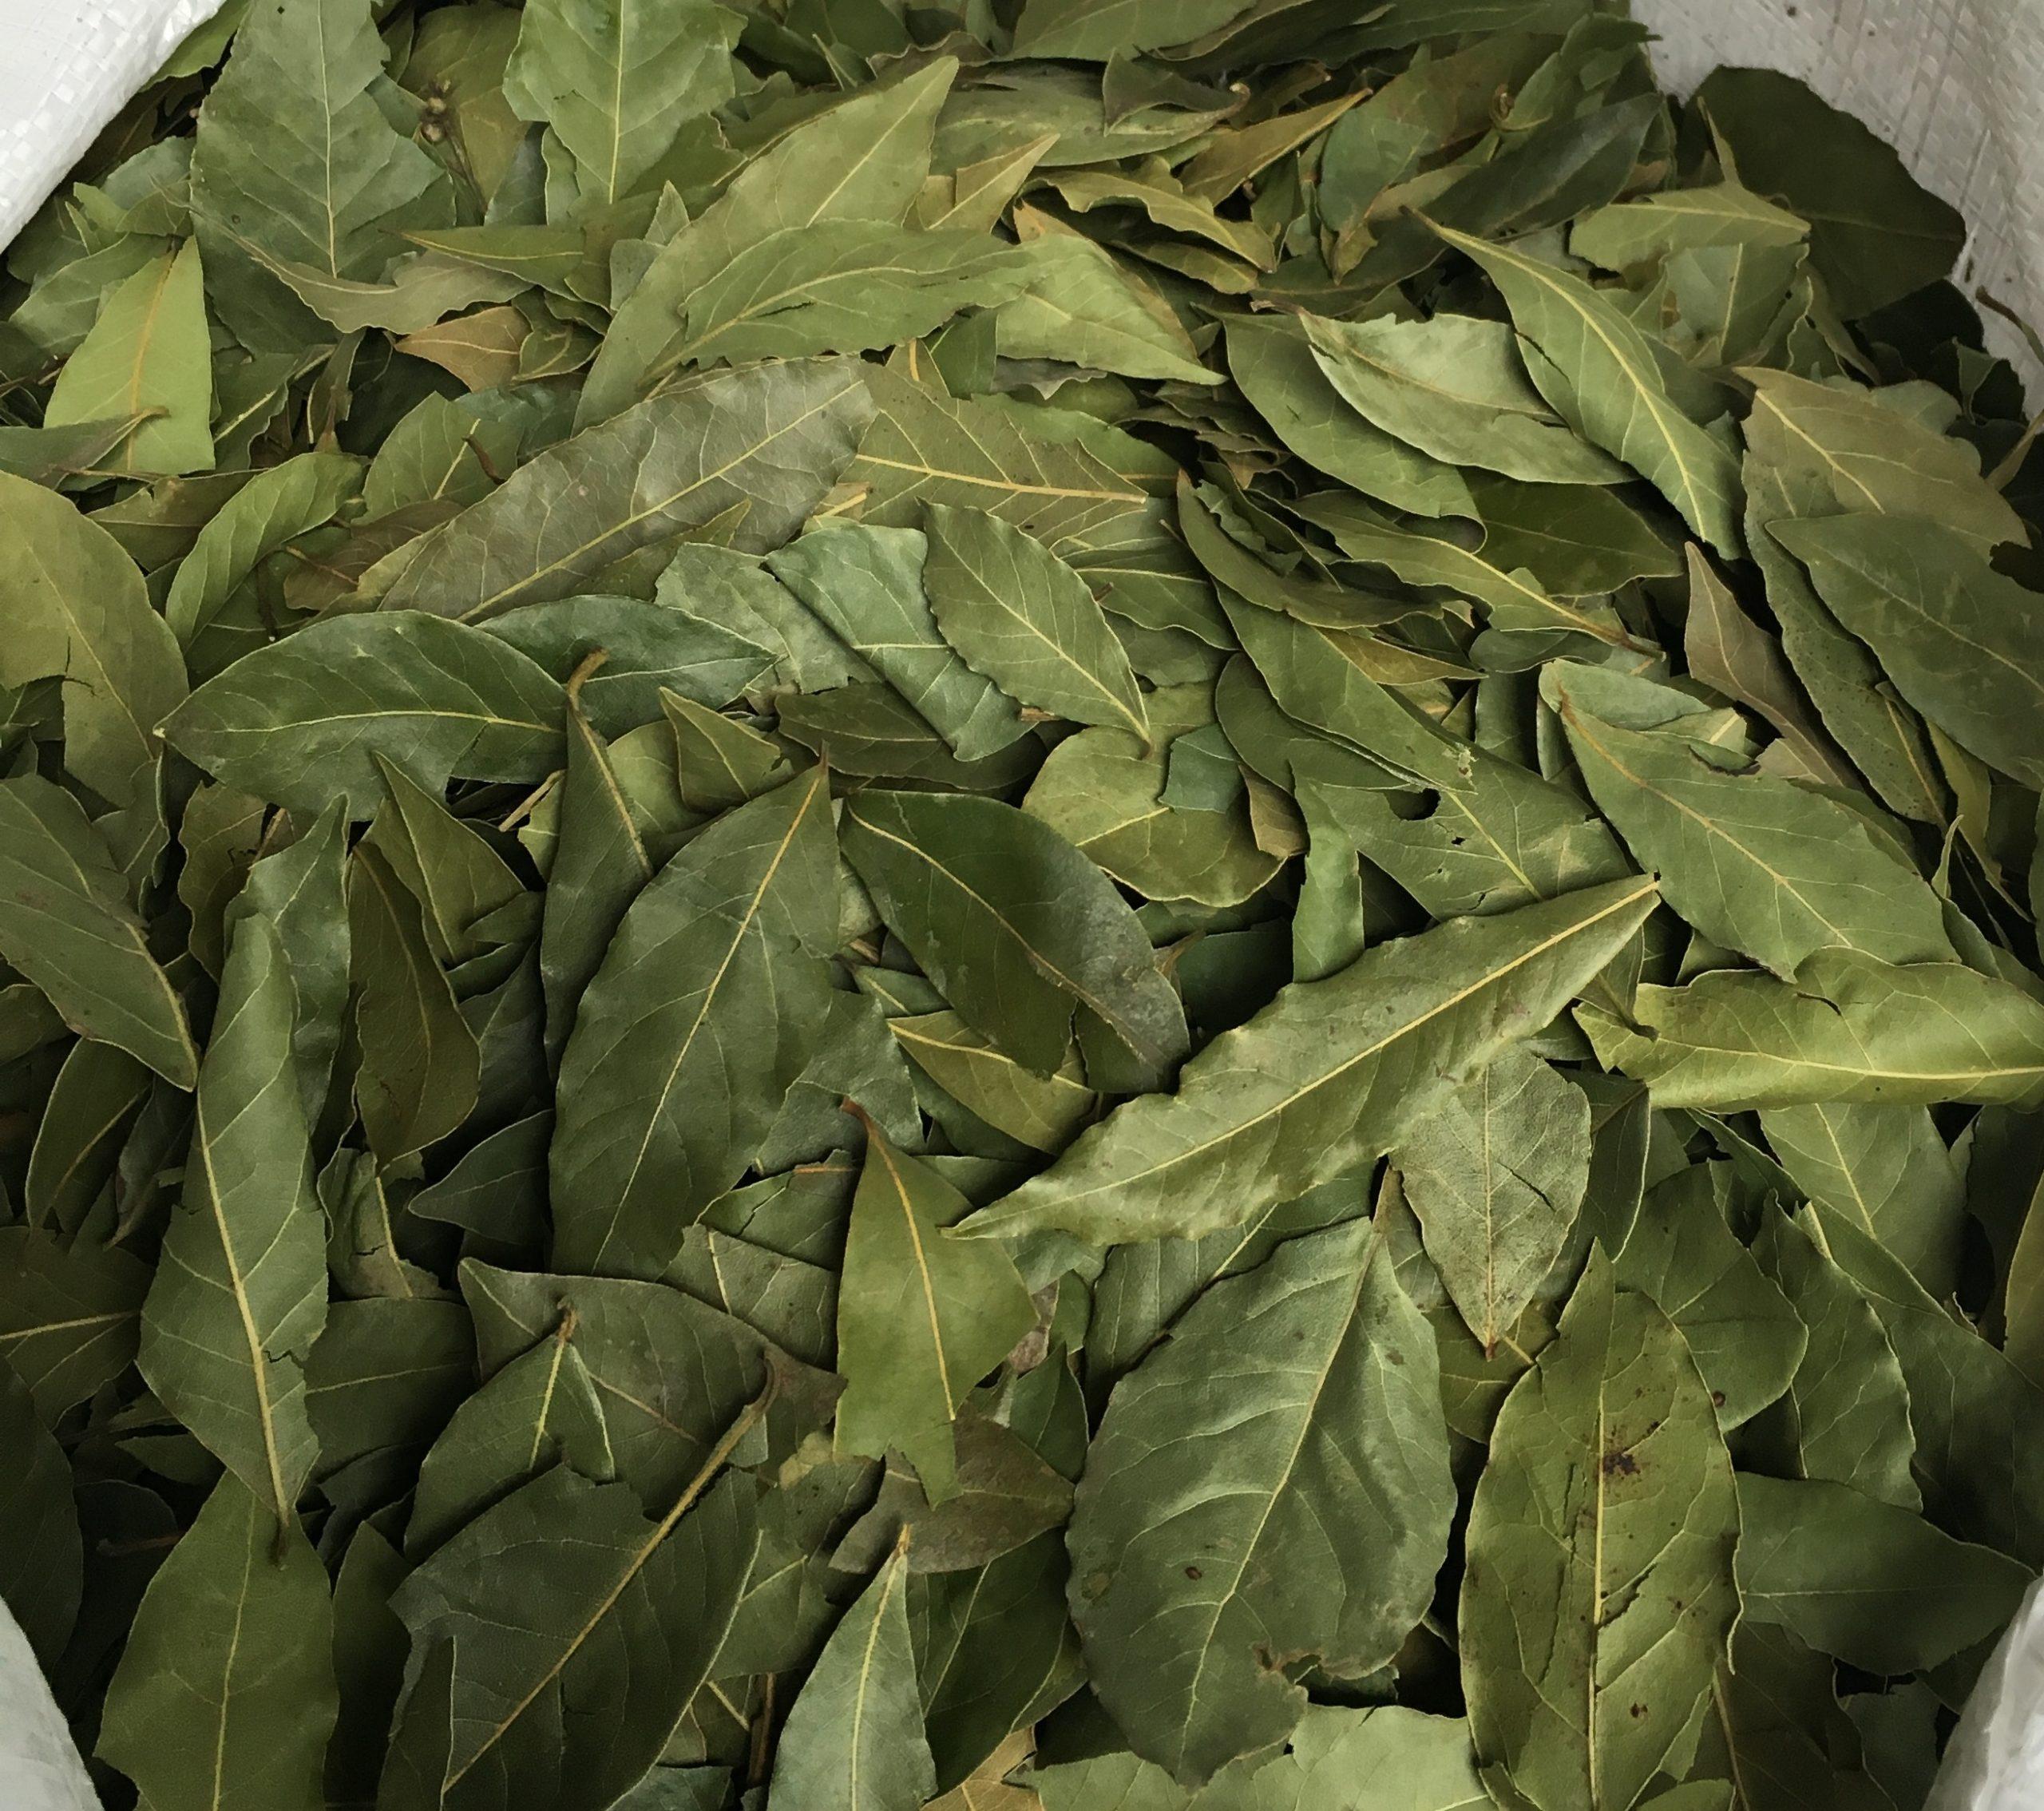 bay leaves, laurel leaves